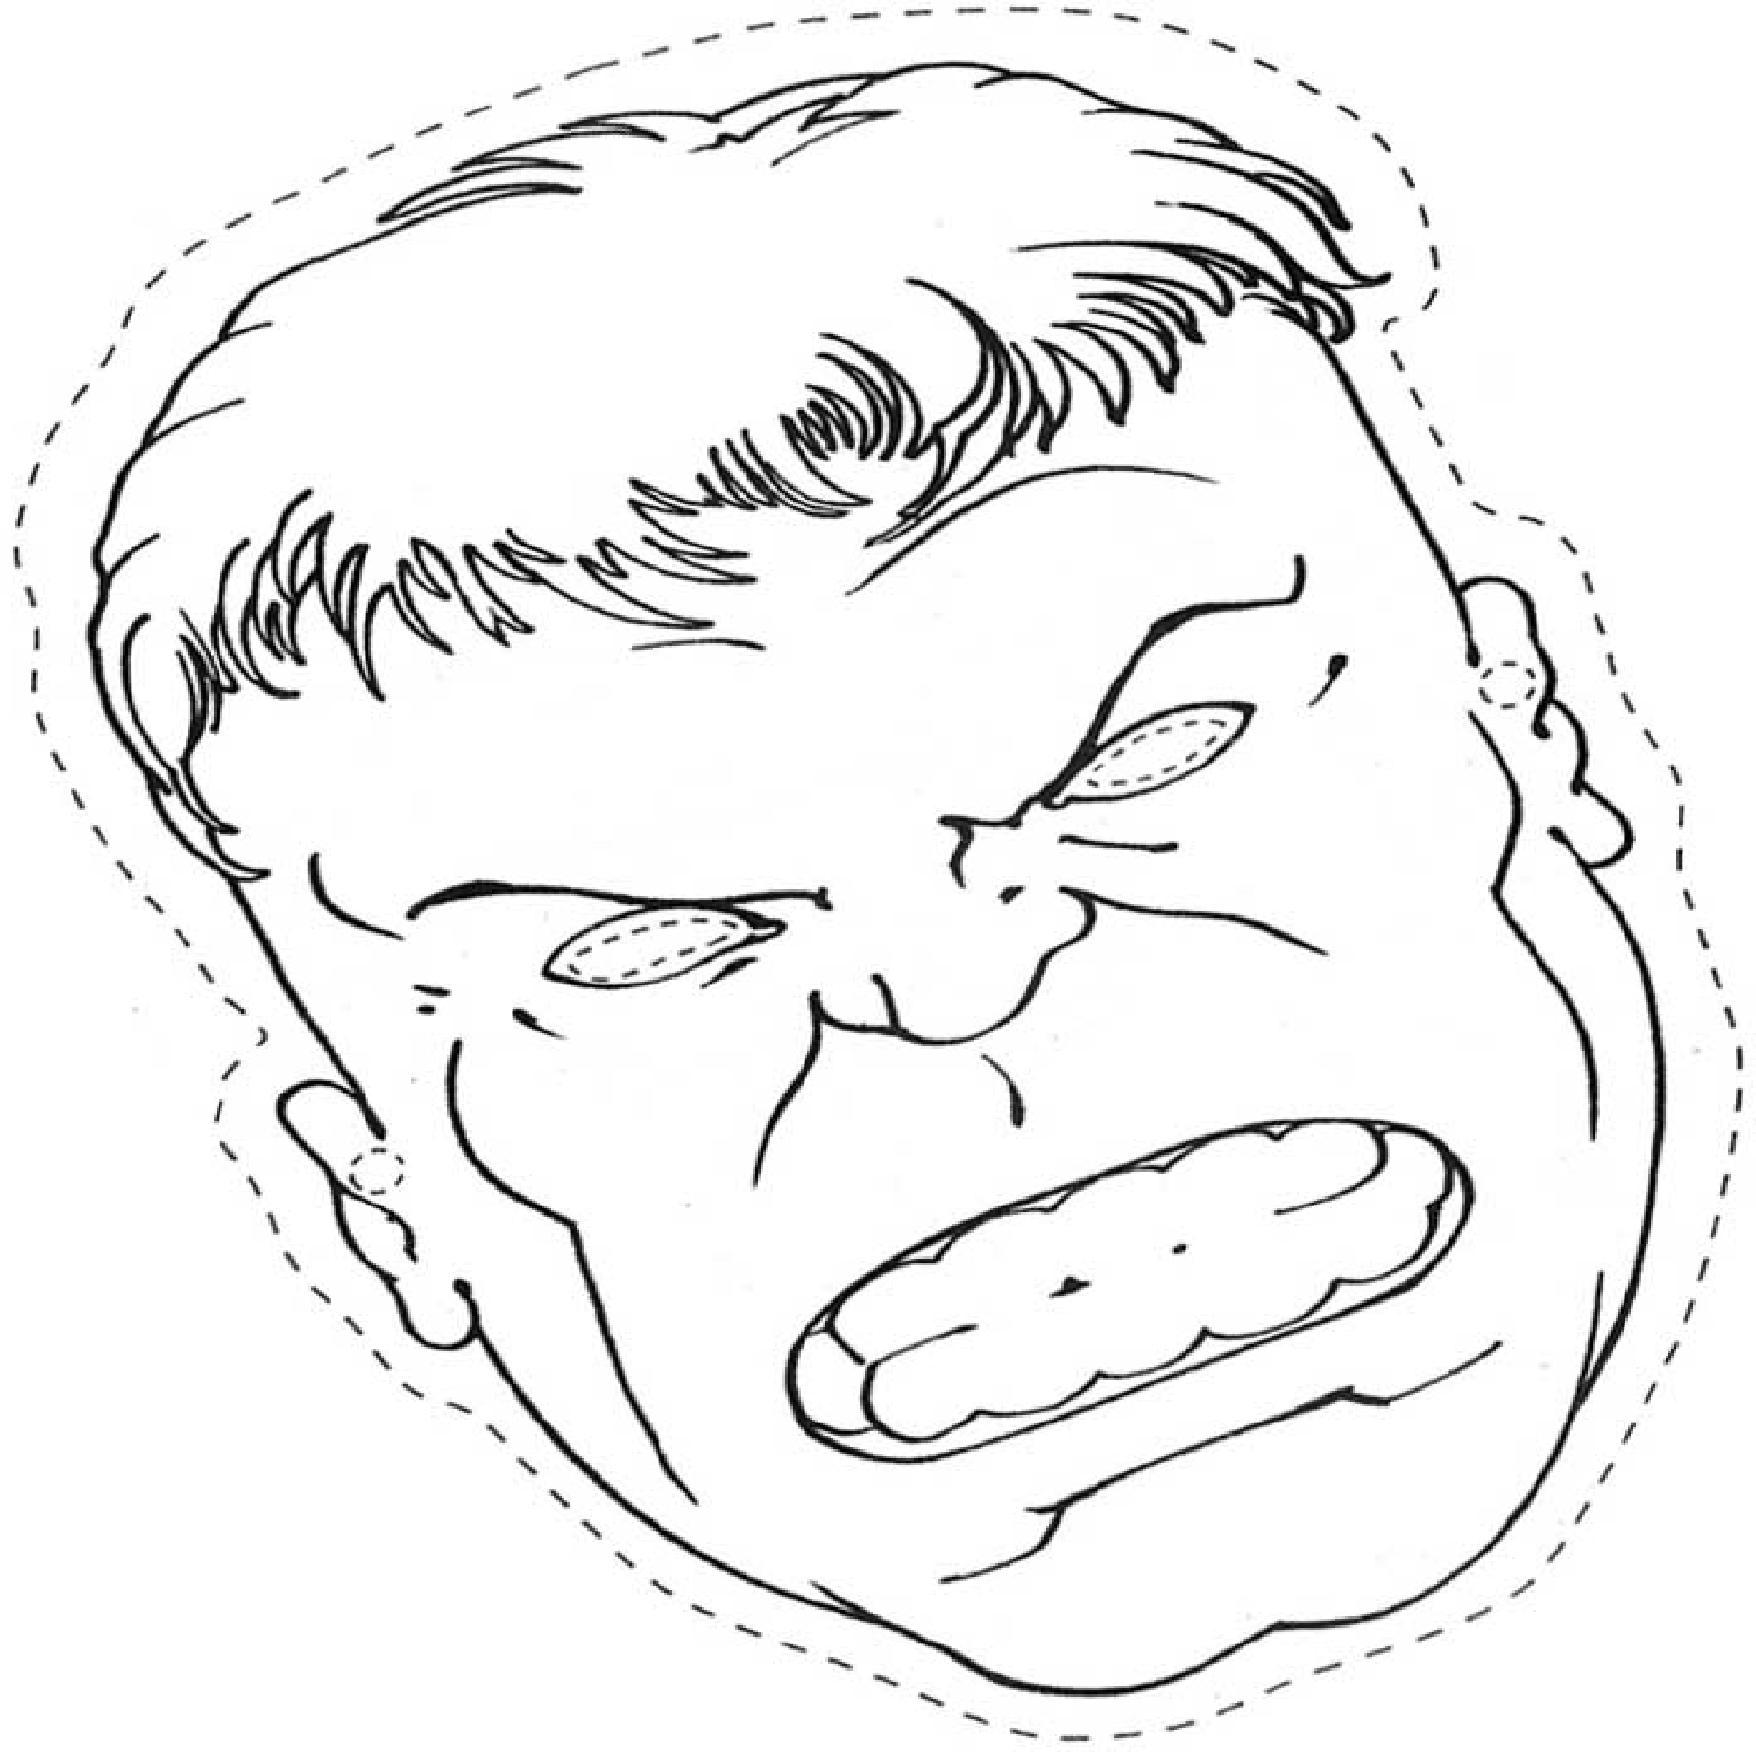 Masque Hulk A Colorier Découpage A Imprimer intérieur Dessin A Decouper Et A Imprimer